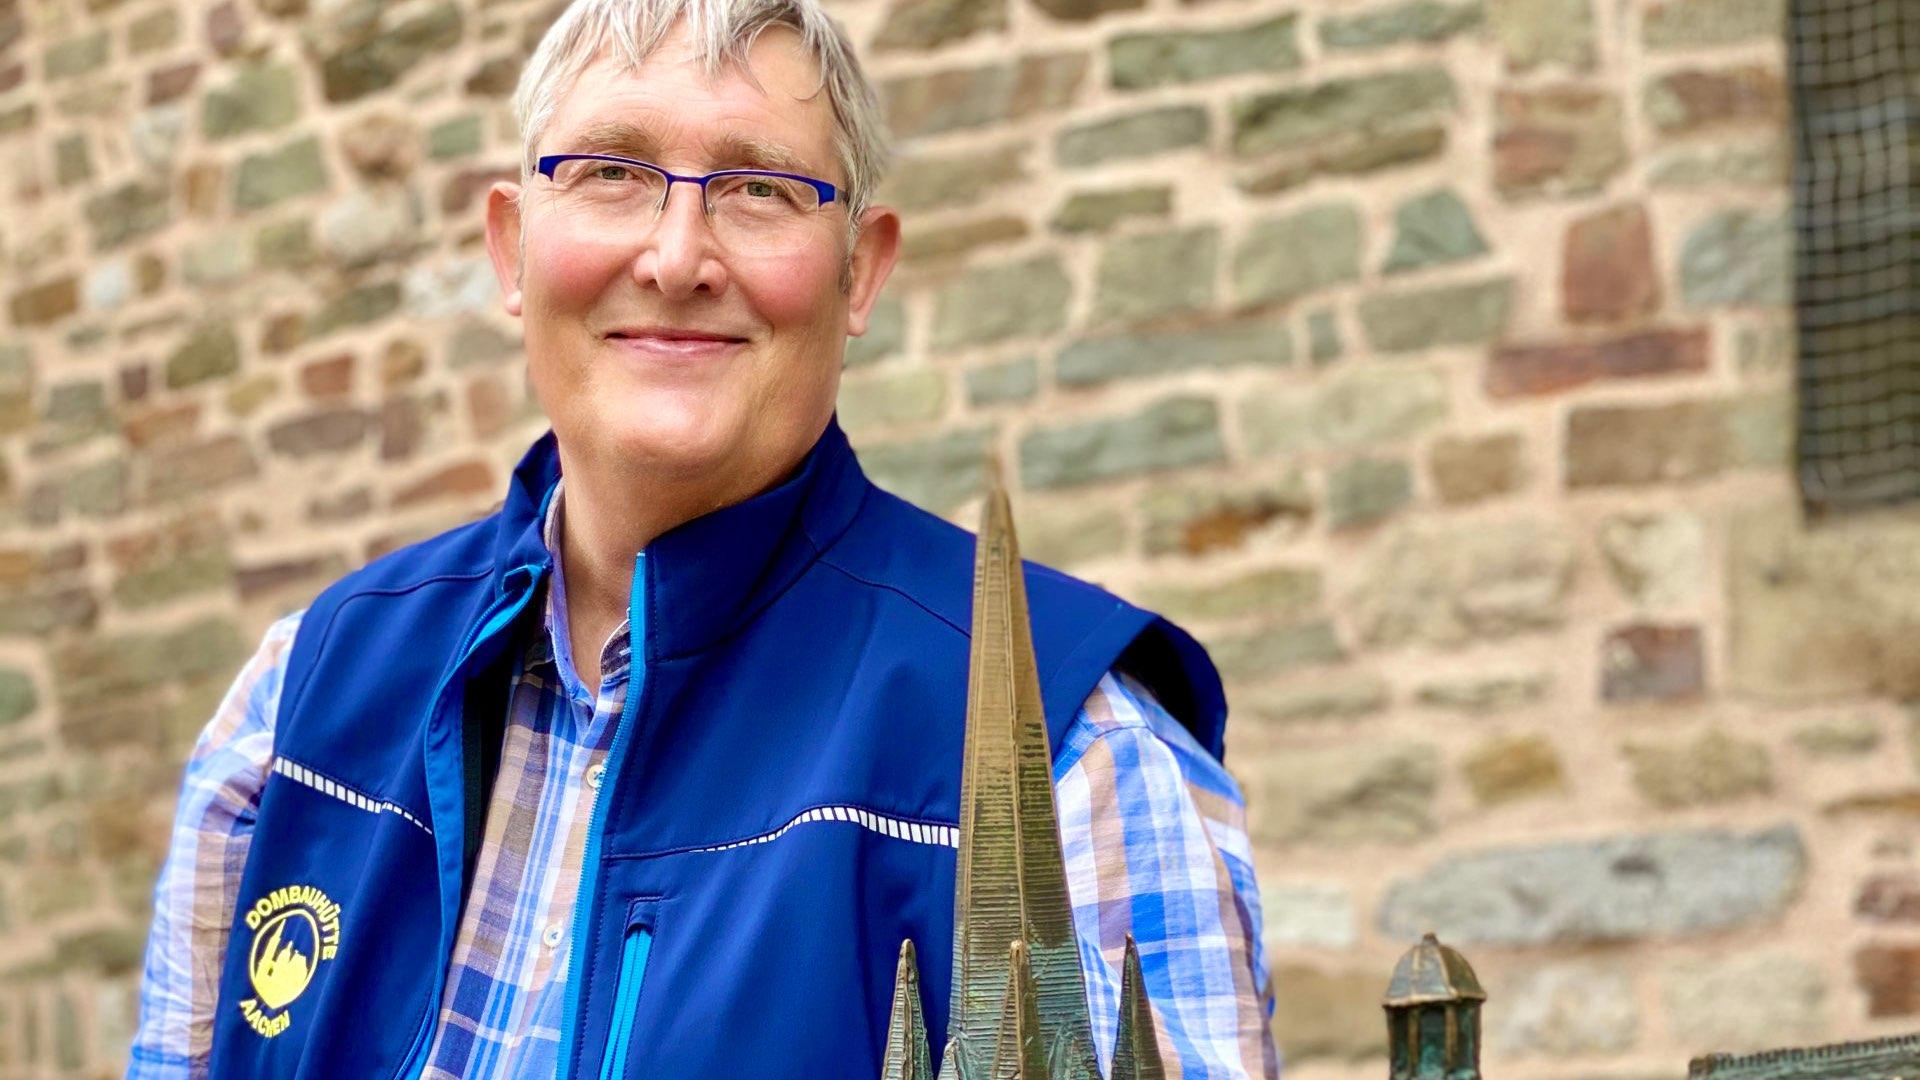 Doppelt ausgezeichnet: Die Dombauhütte jetzt auch Weltkulturerbe